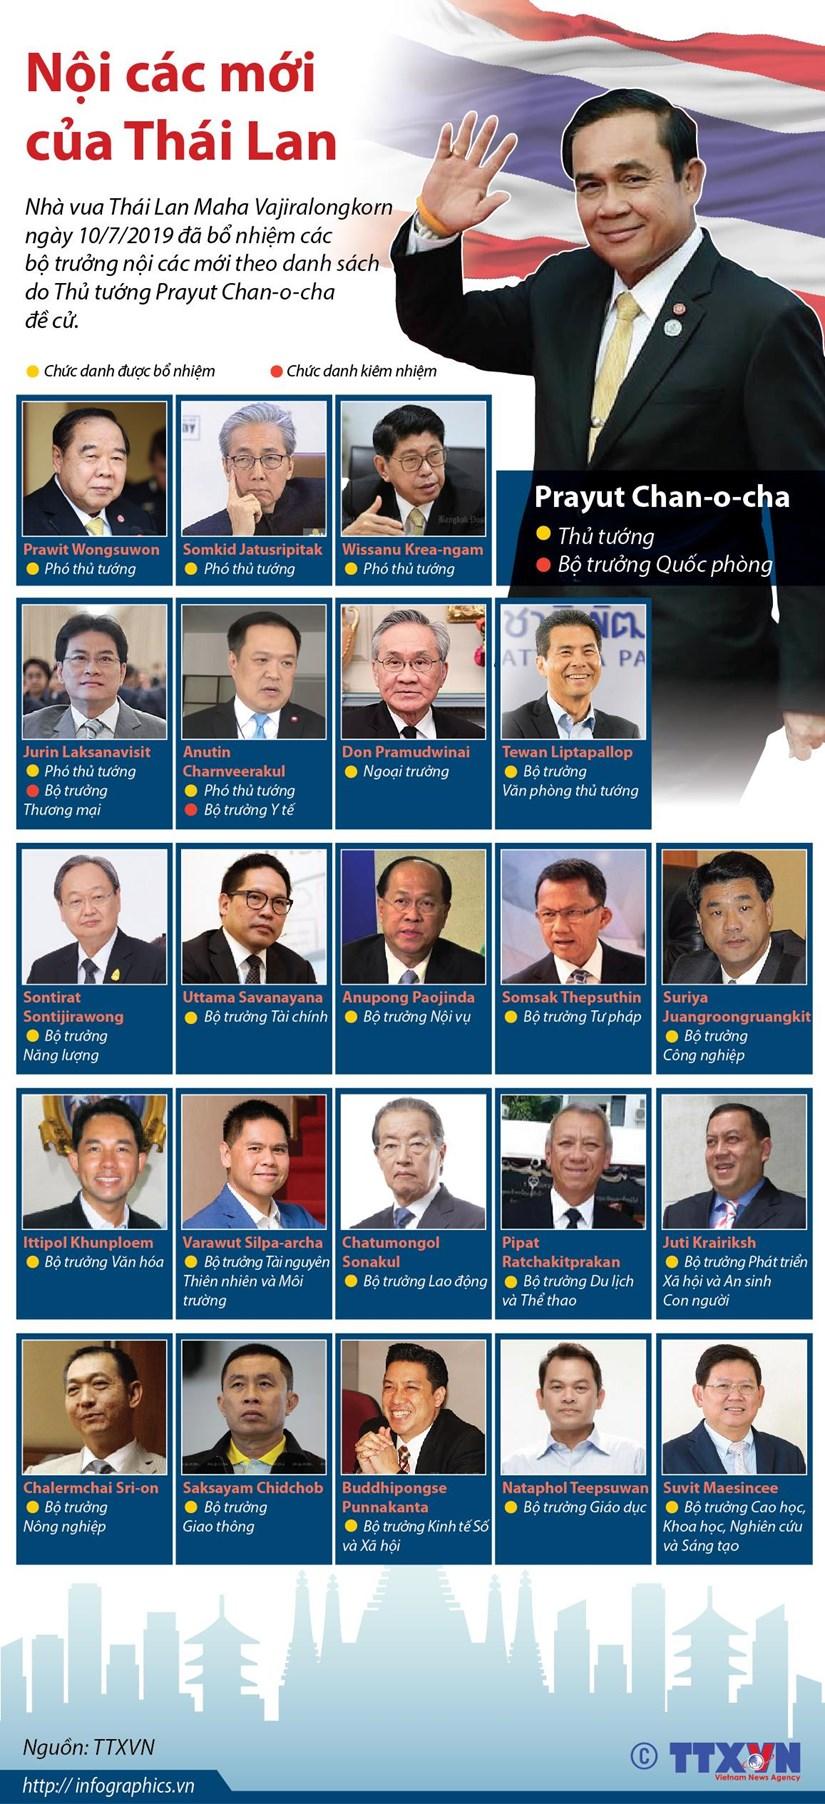 infographics danh sach cac thanh vien noi cac moi cua thai lan